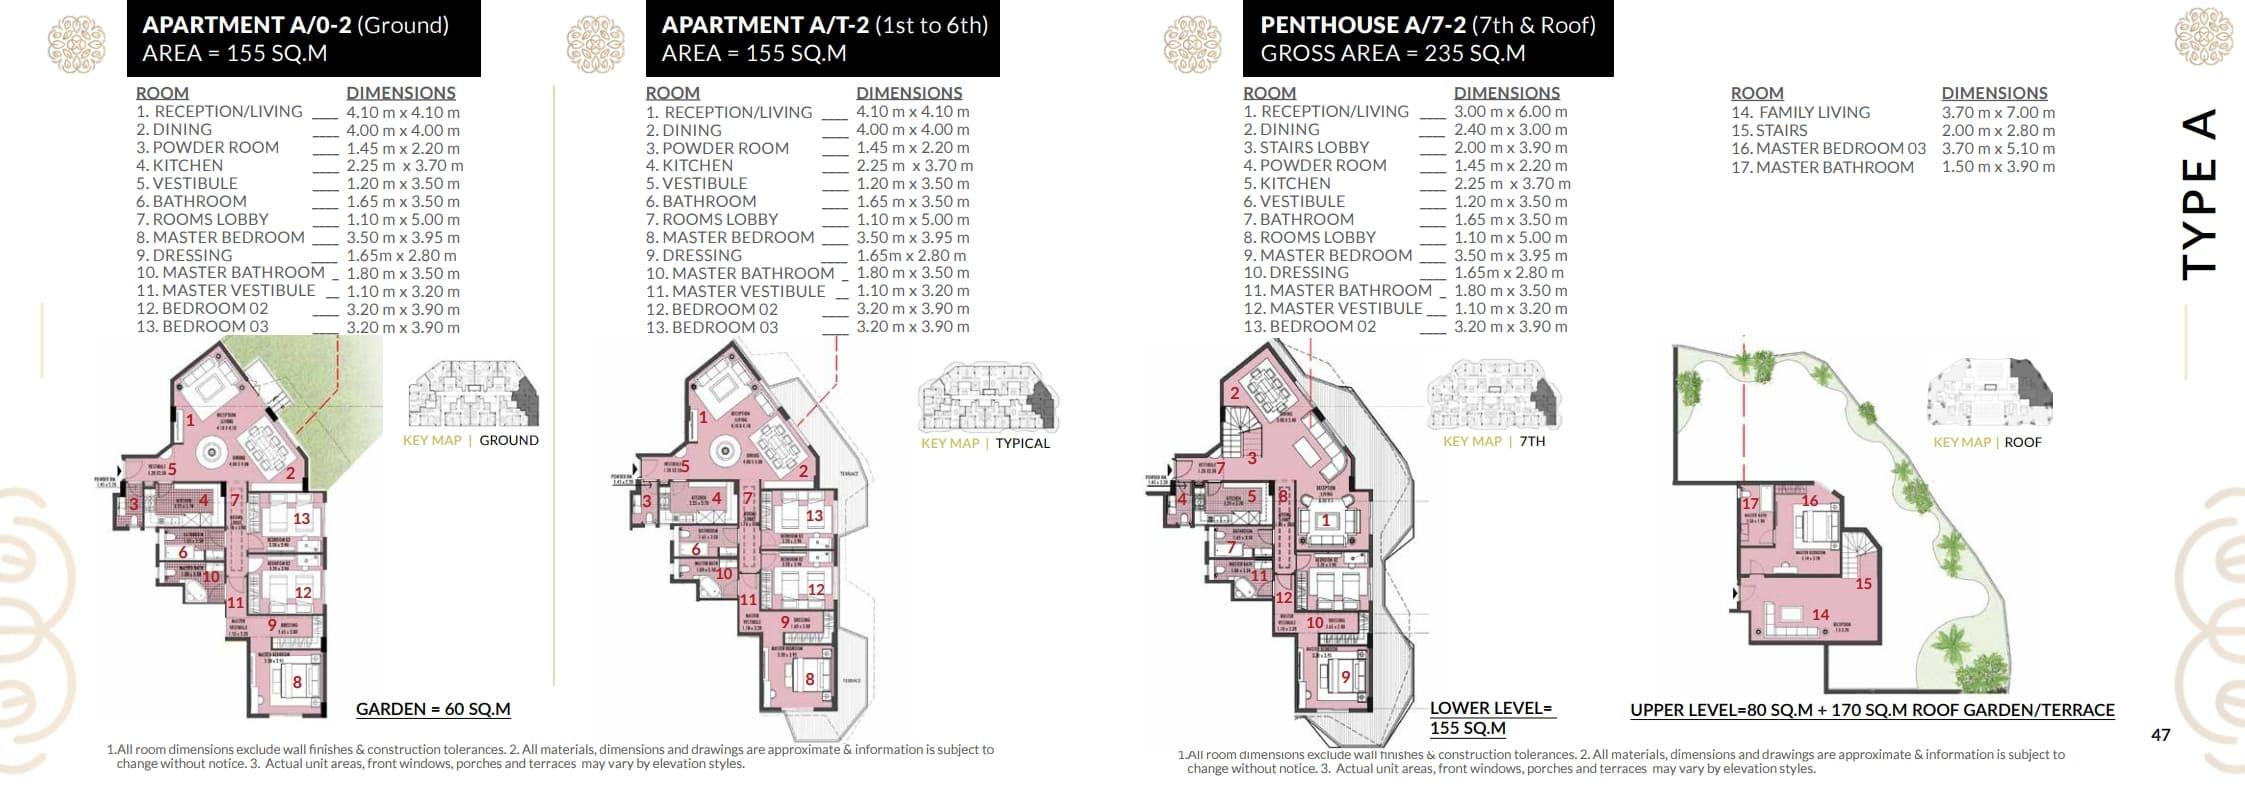 شقة155م للبيع بكمبوند روزس العاصمة الاداريه باقساط تصل ل9سنوات